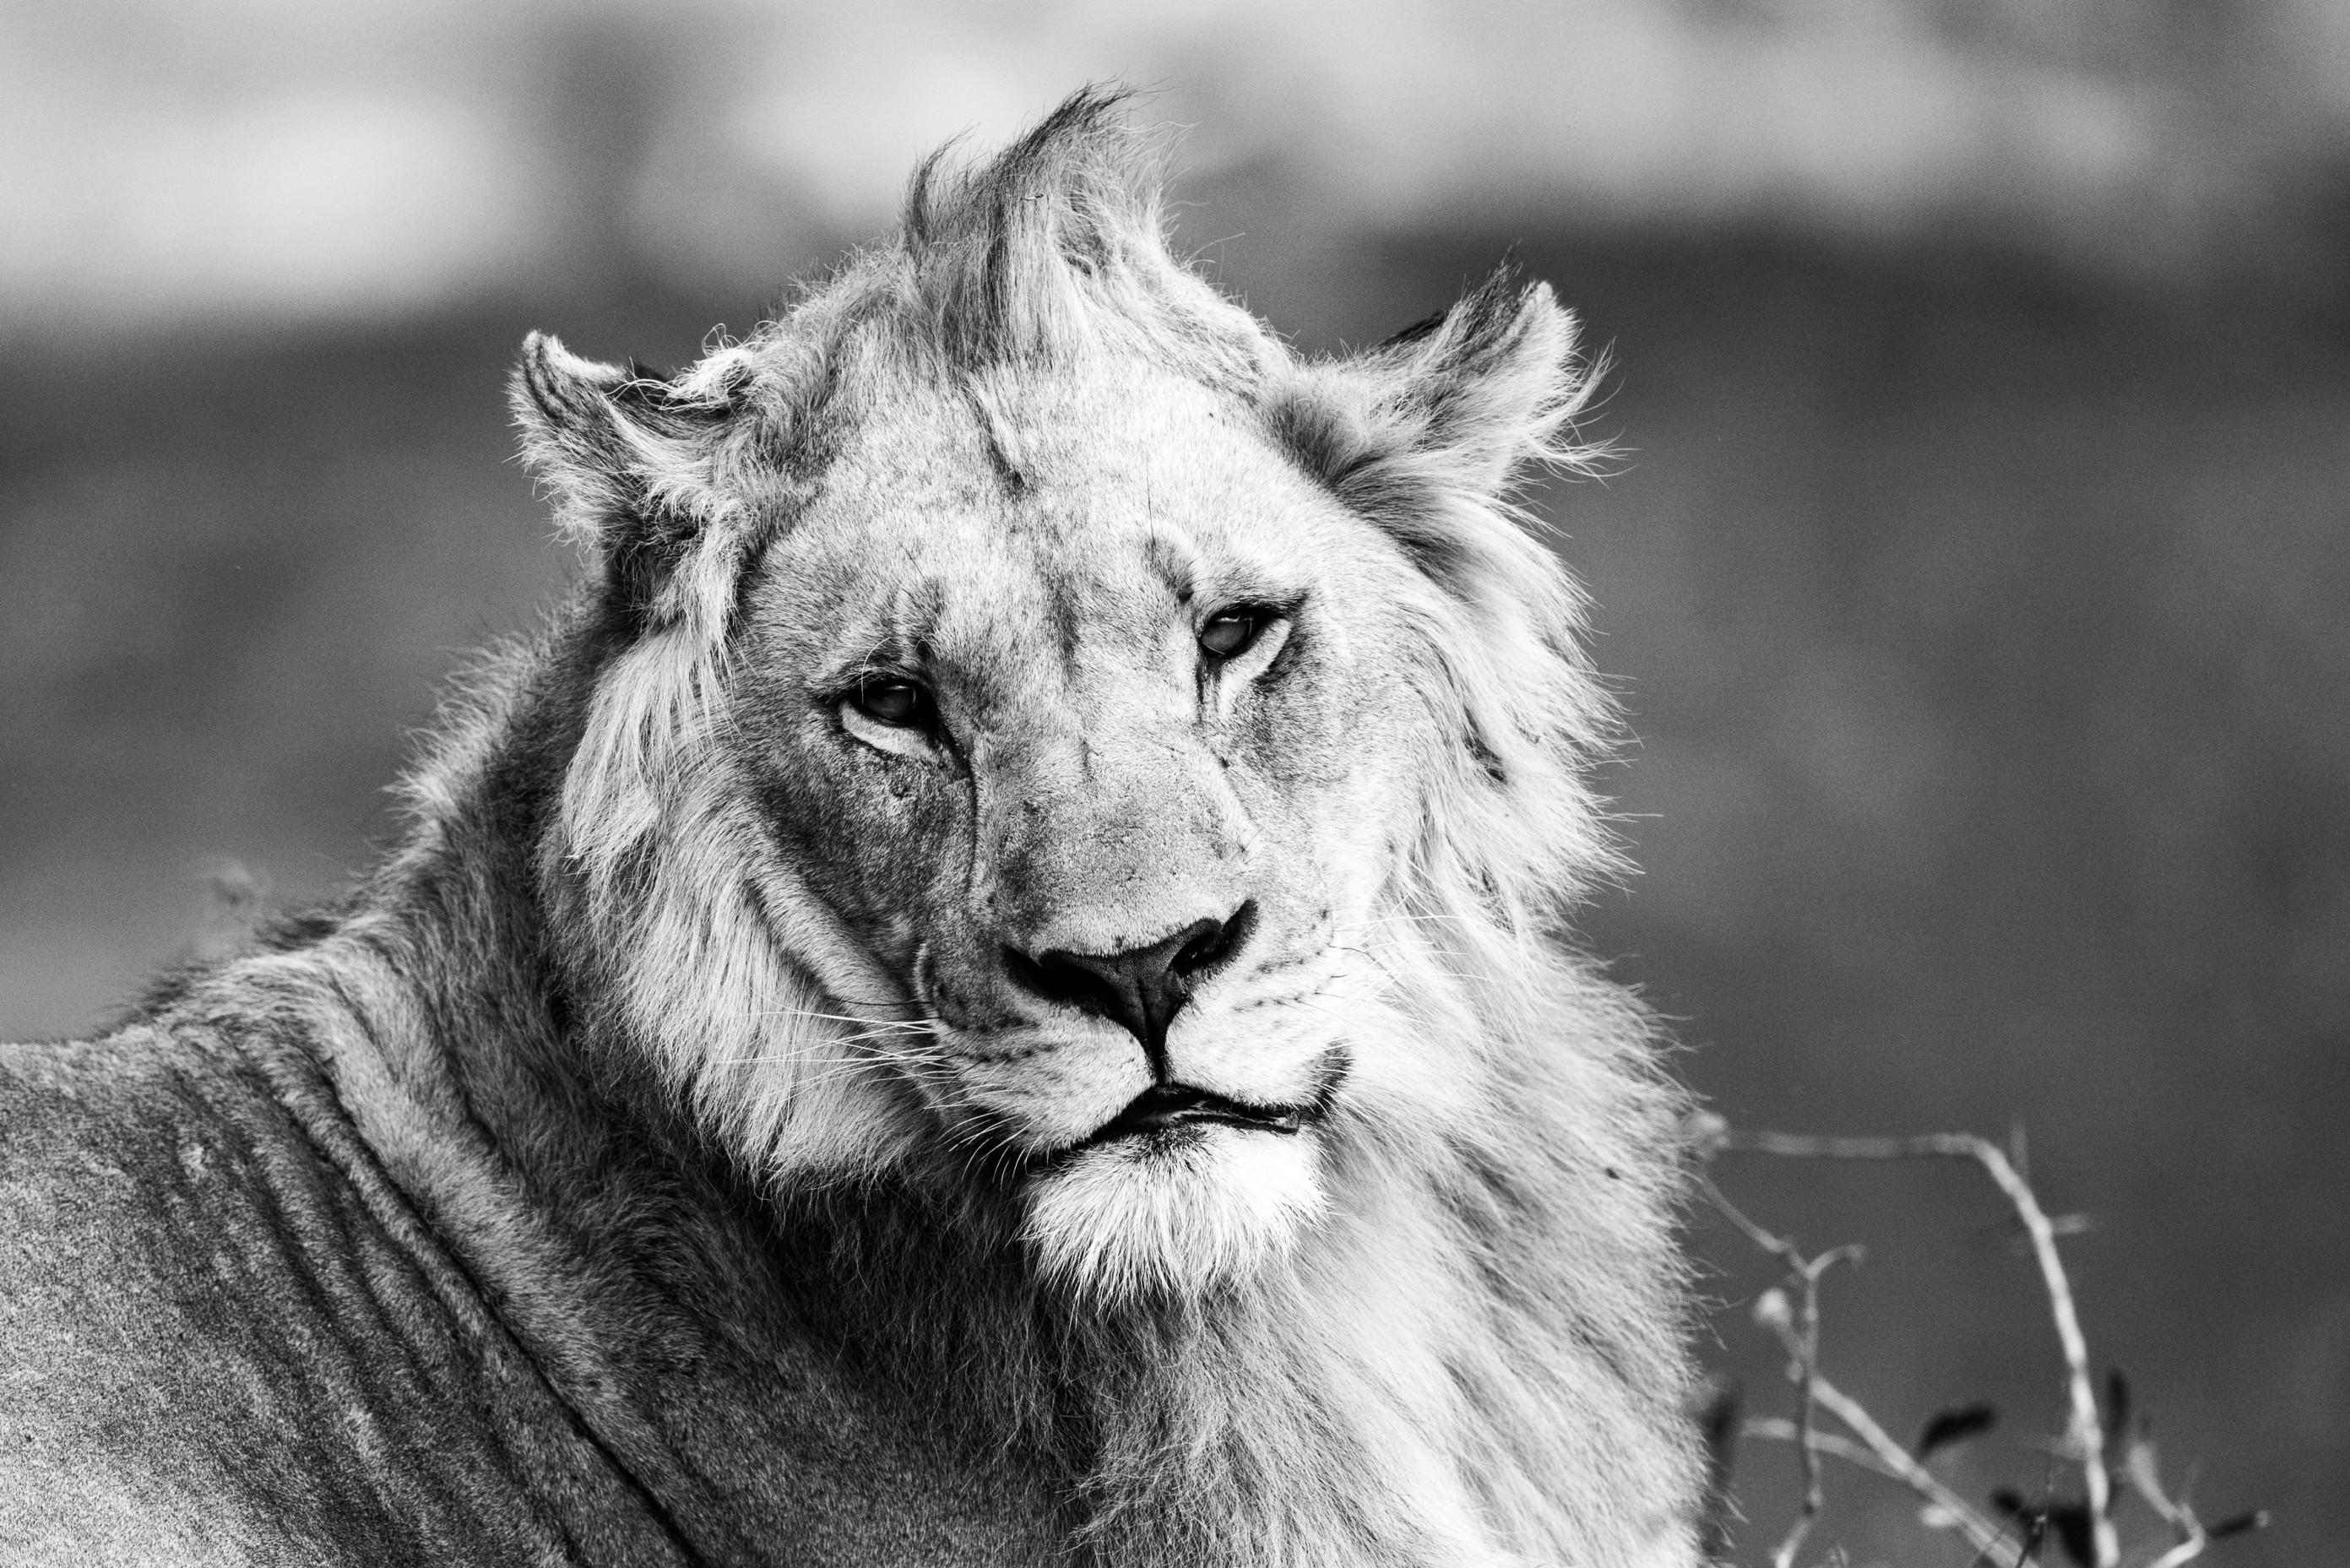 wildlife zimanga 5057